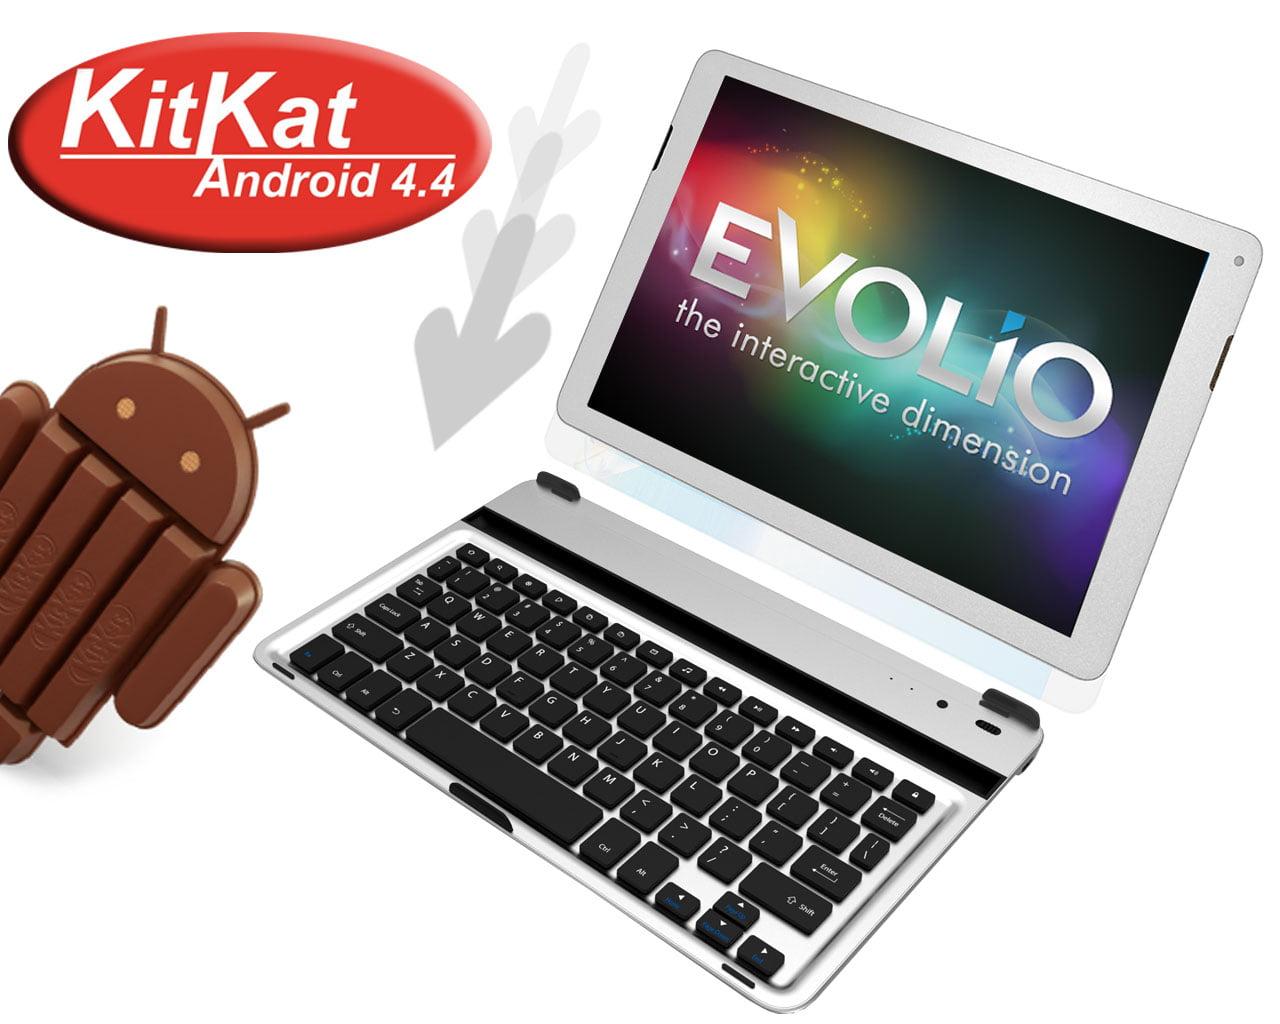 Evolio X10 primeste Android 4.4